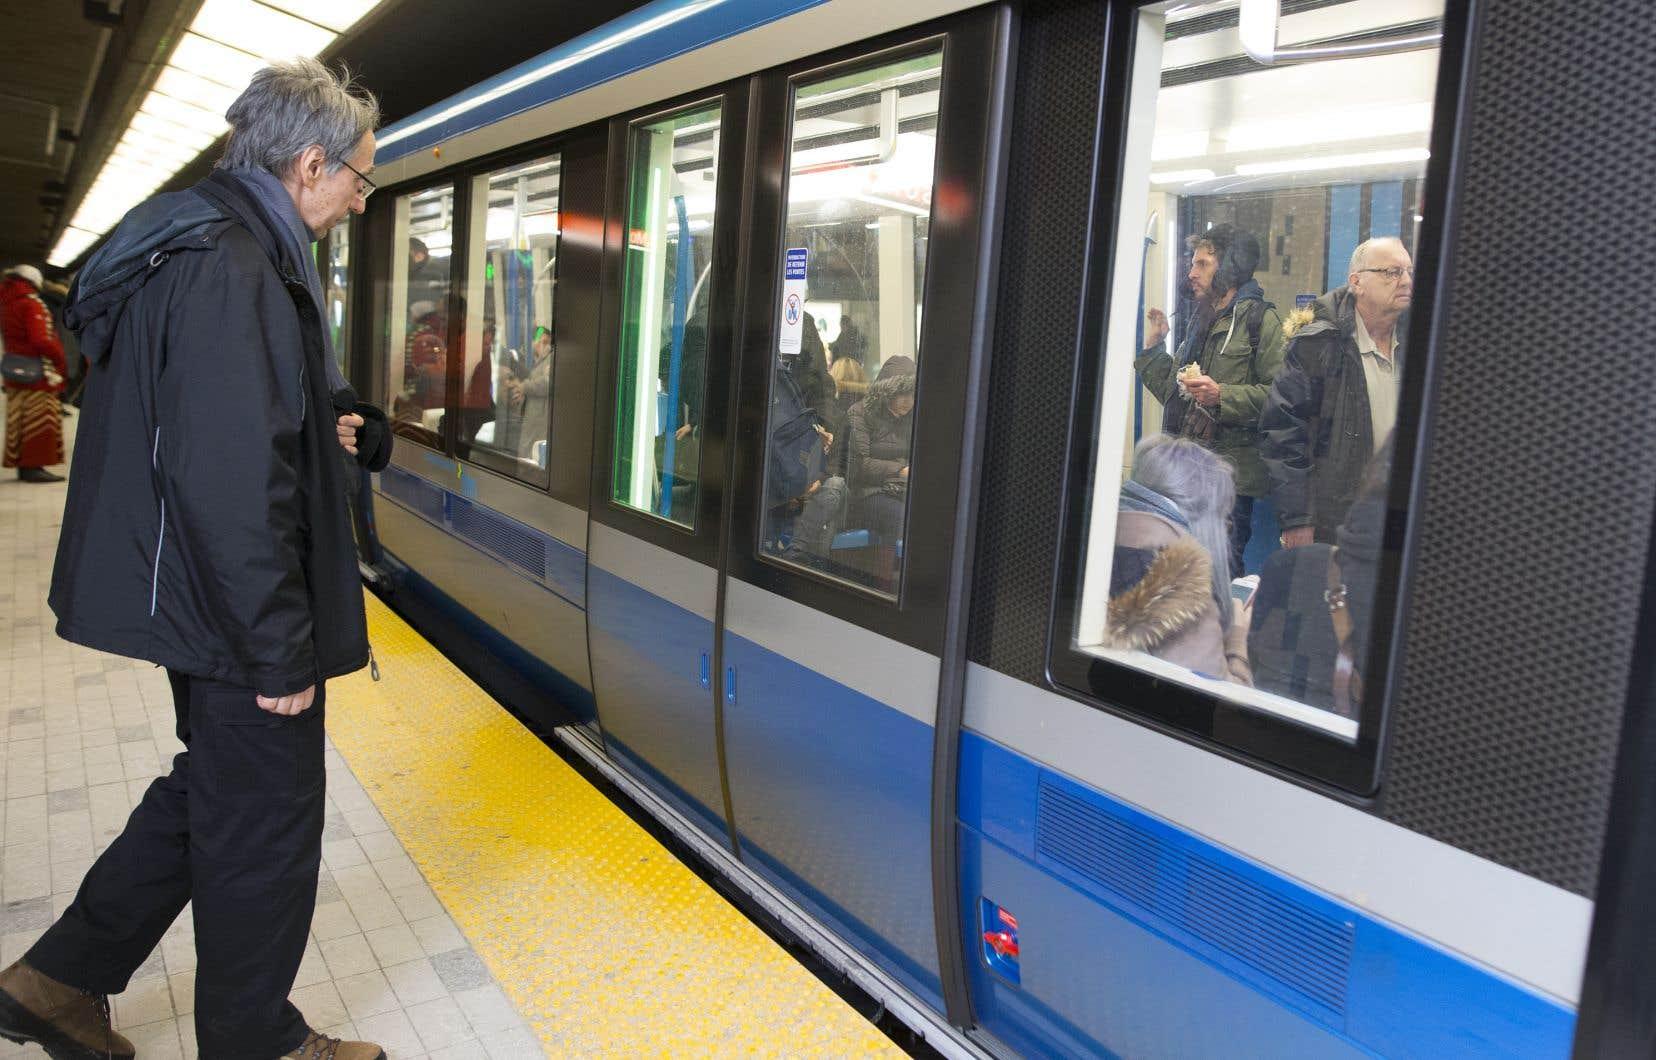 La santé publique a annoncé mardi que la quatrième personne déclarée positive au coronavirus au Québec a utilisé les transports collectifs le 6mars et le 24février.